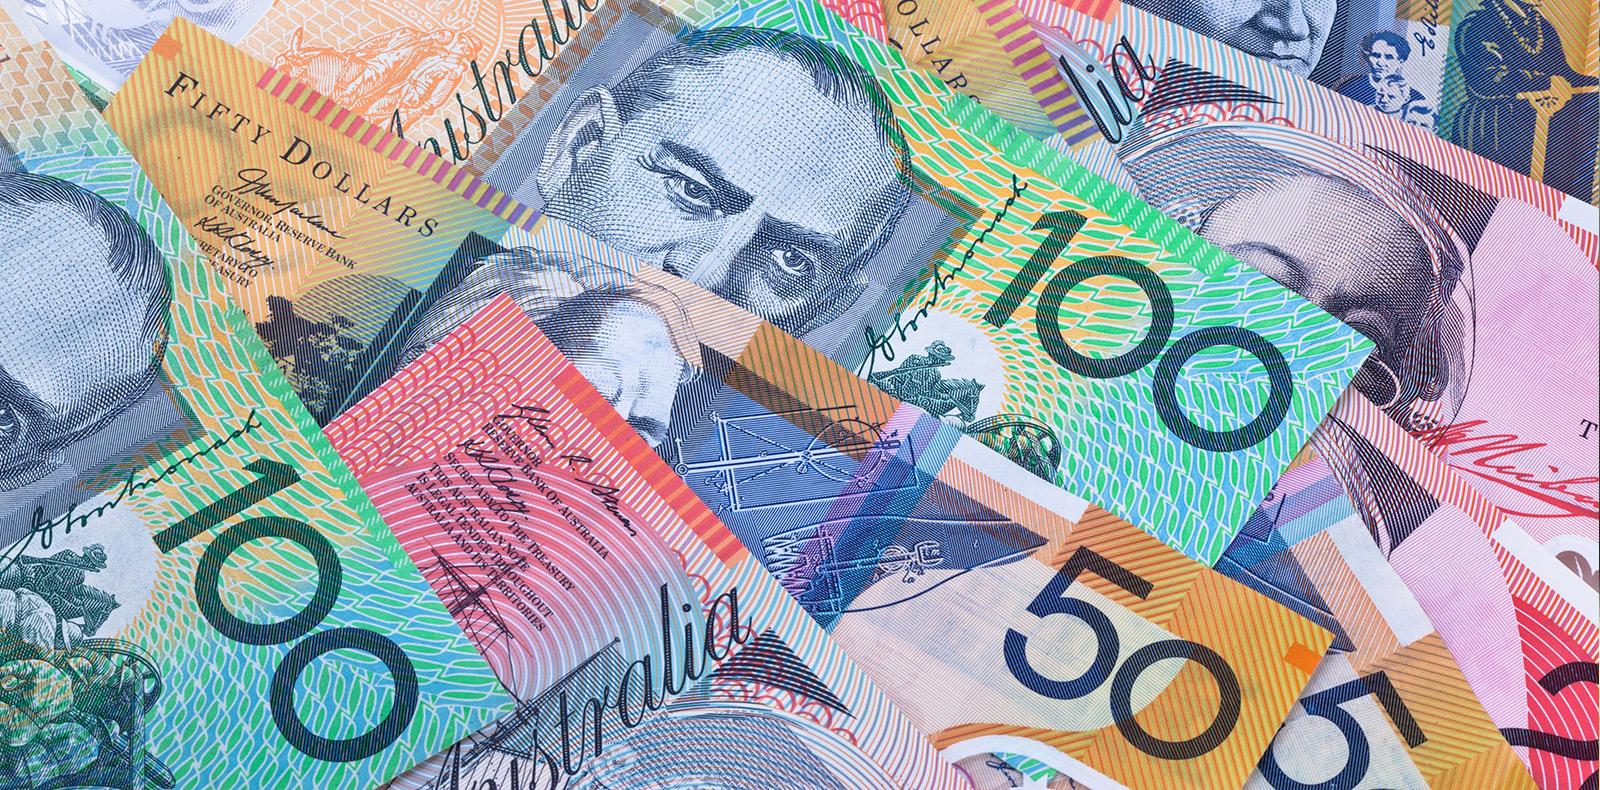 أبرز المعونات المالية التي تقدم للاجئين في أستراليا